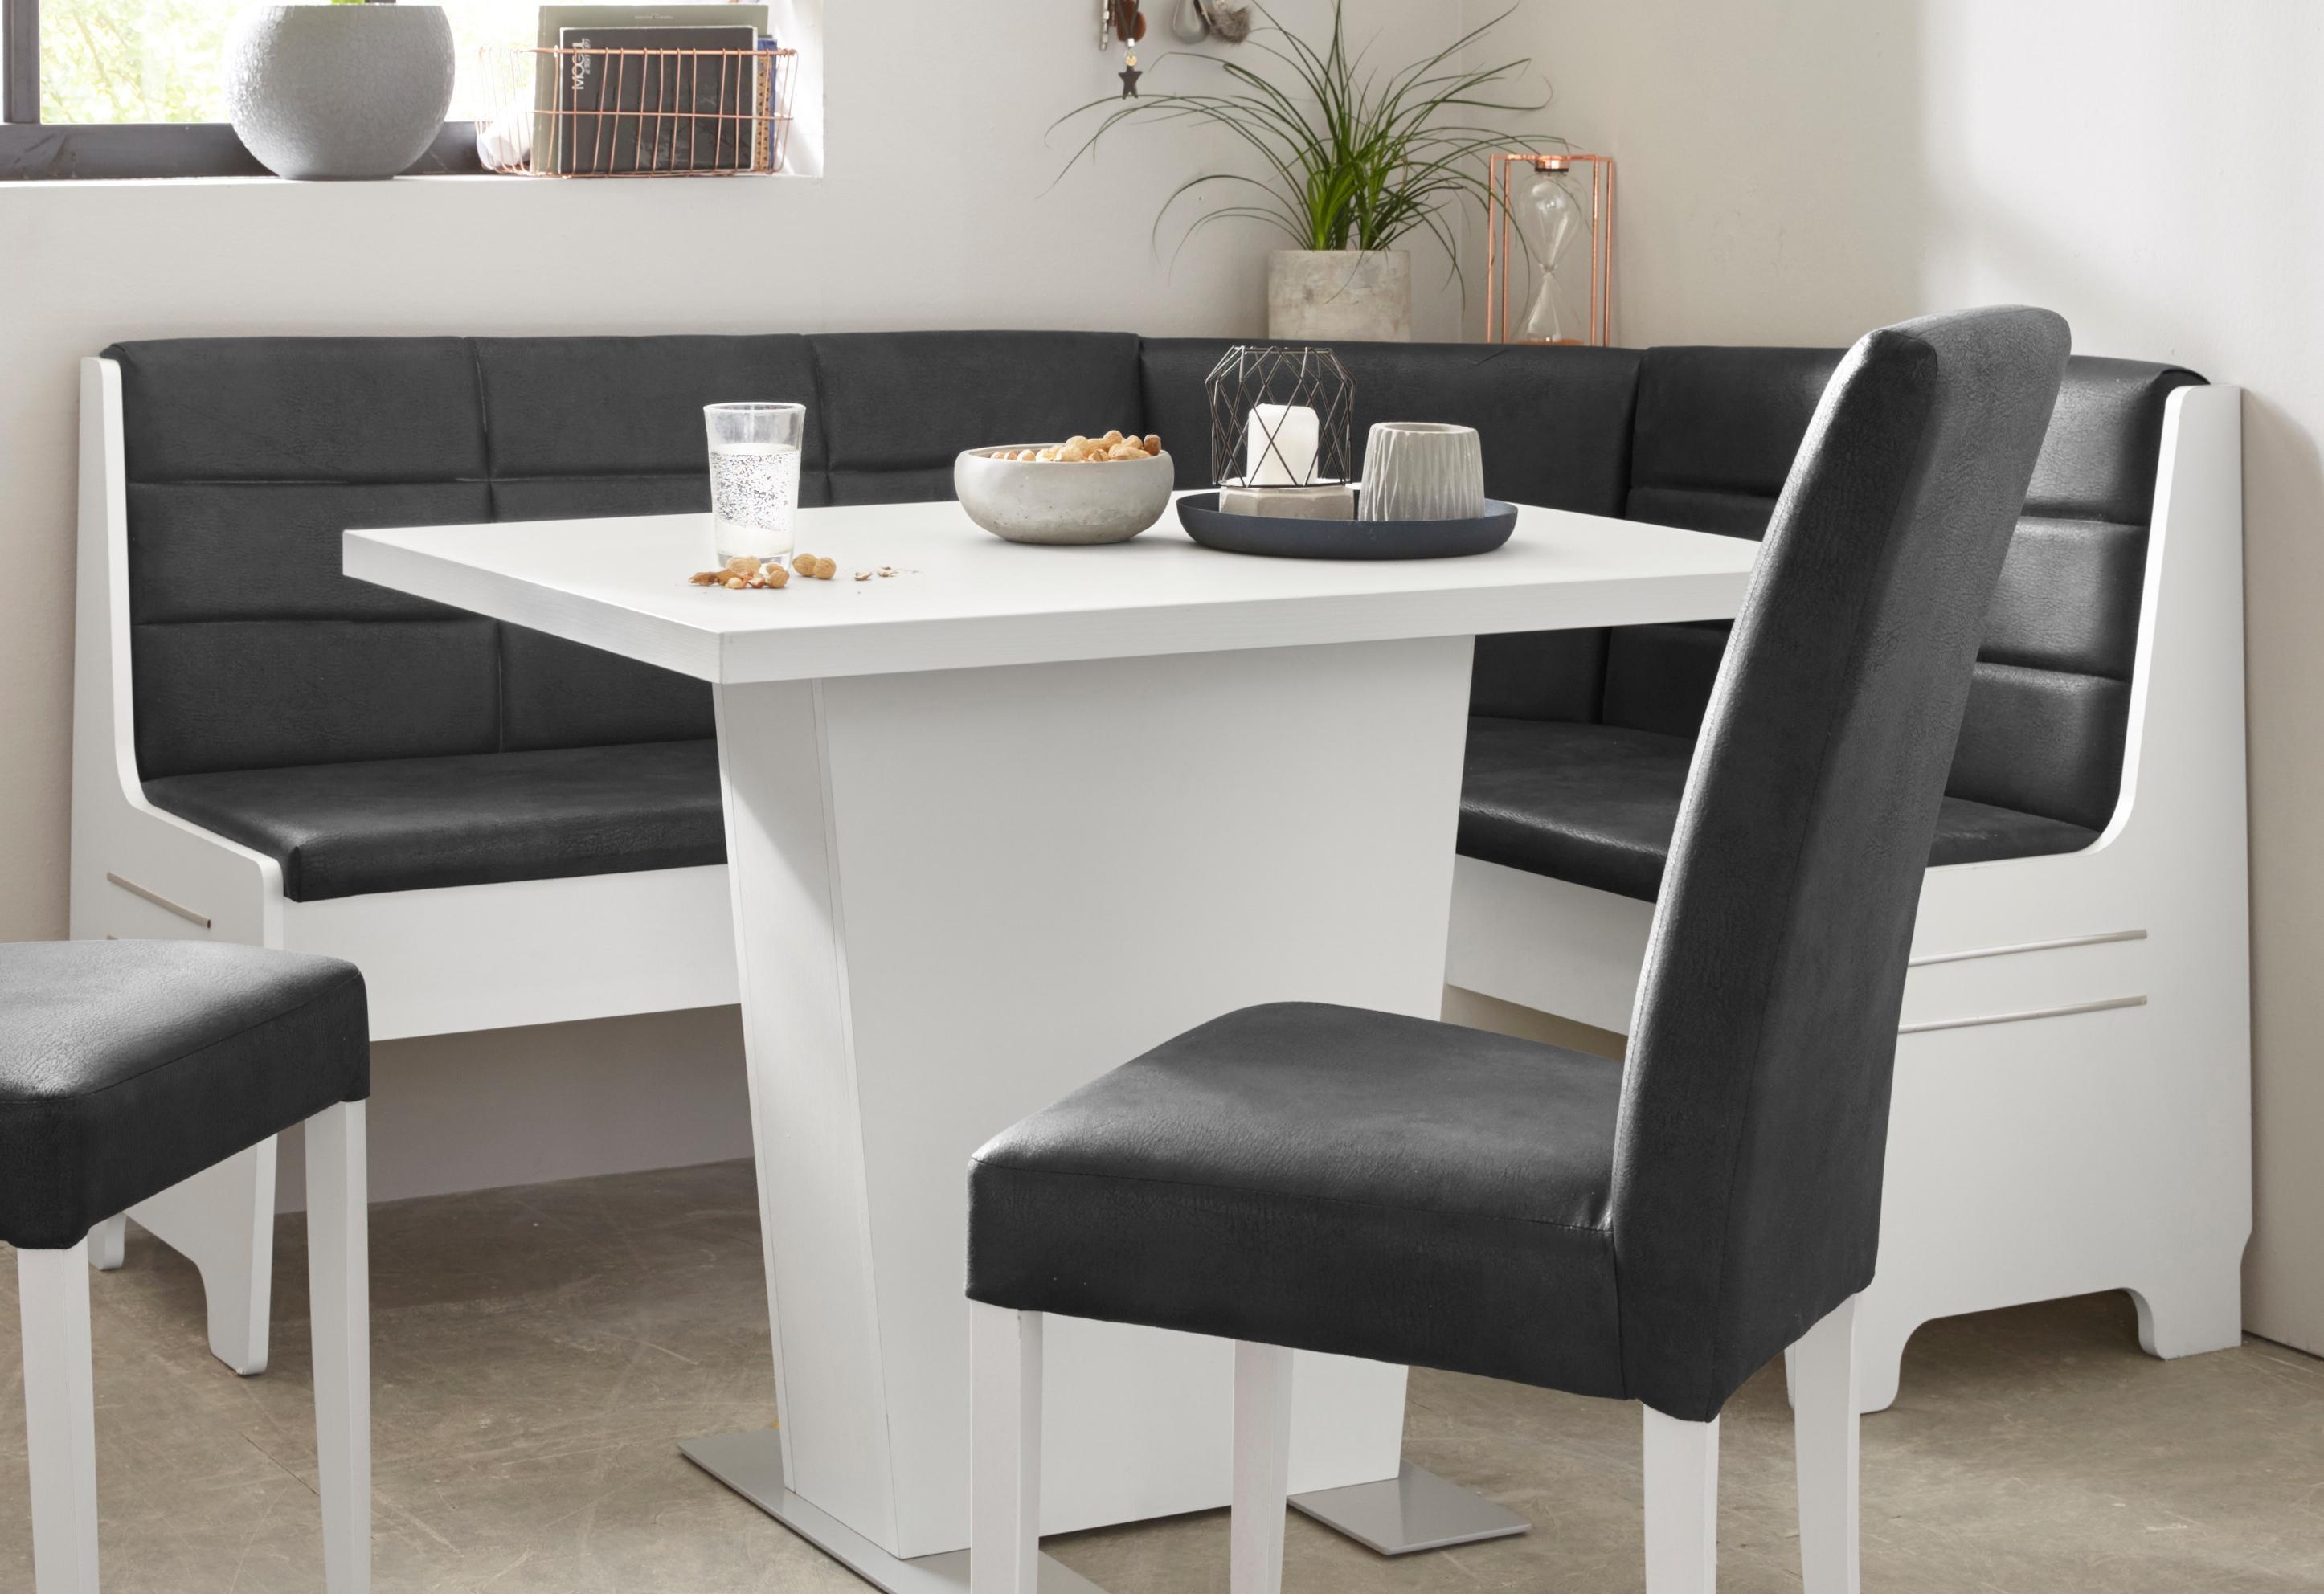 Eckbank »Carola« | Küche und Esszimmer > Sitzbänke | QUELLE